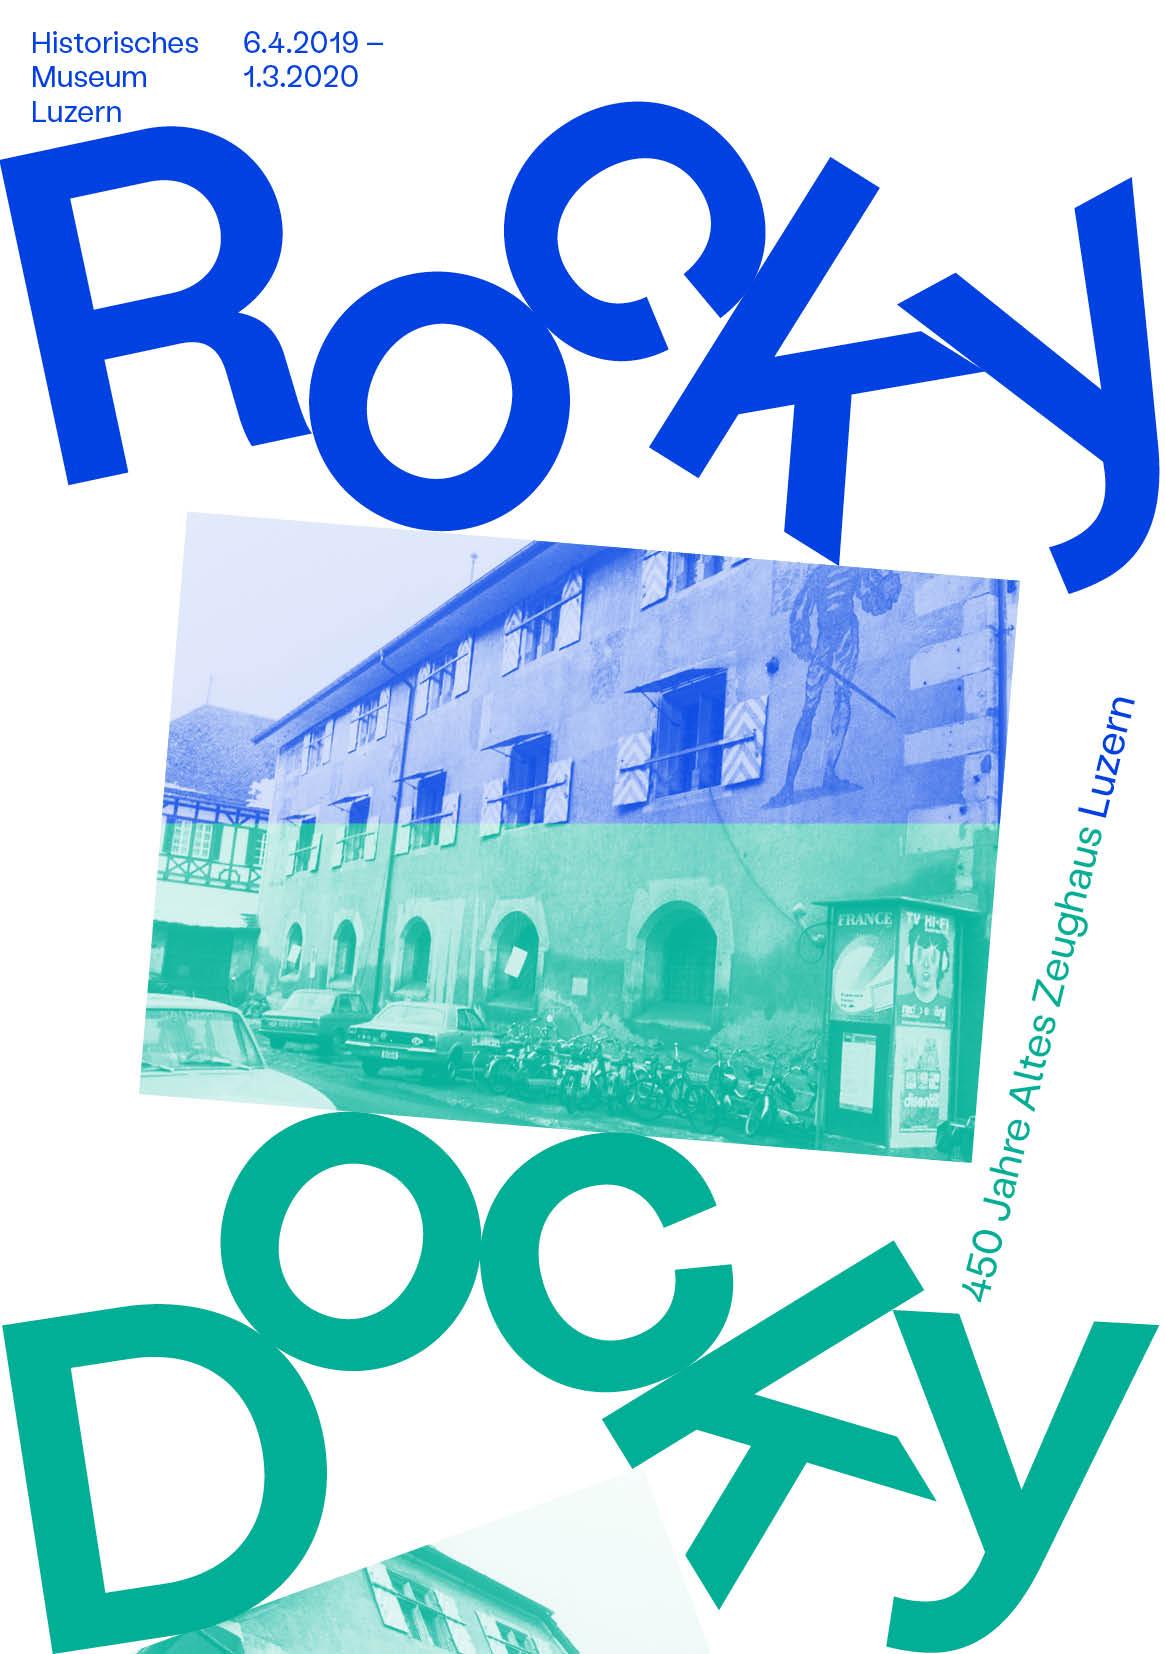 Rocky Docky - 450 Jahre Altes Zeughaus Luzern